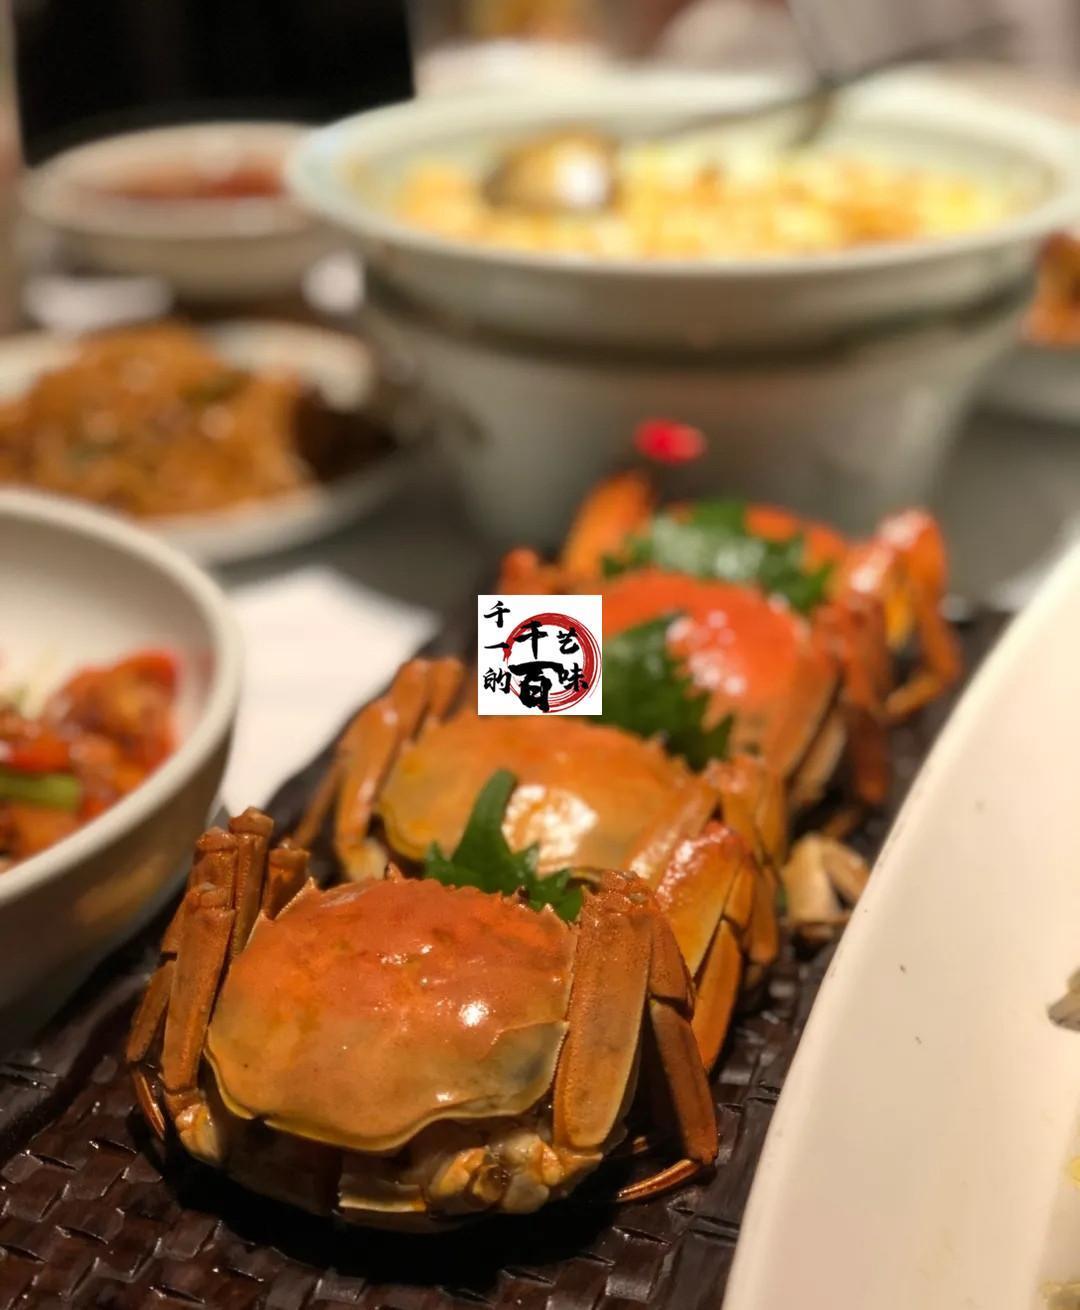 """北京大董凉菜""""醉蟹""""详细腌制比例,用料简单,鲜甜味足建议收藏"""